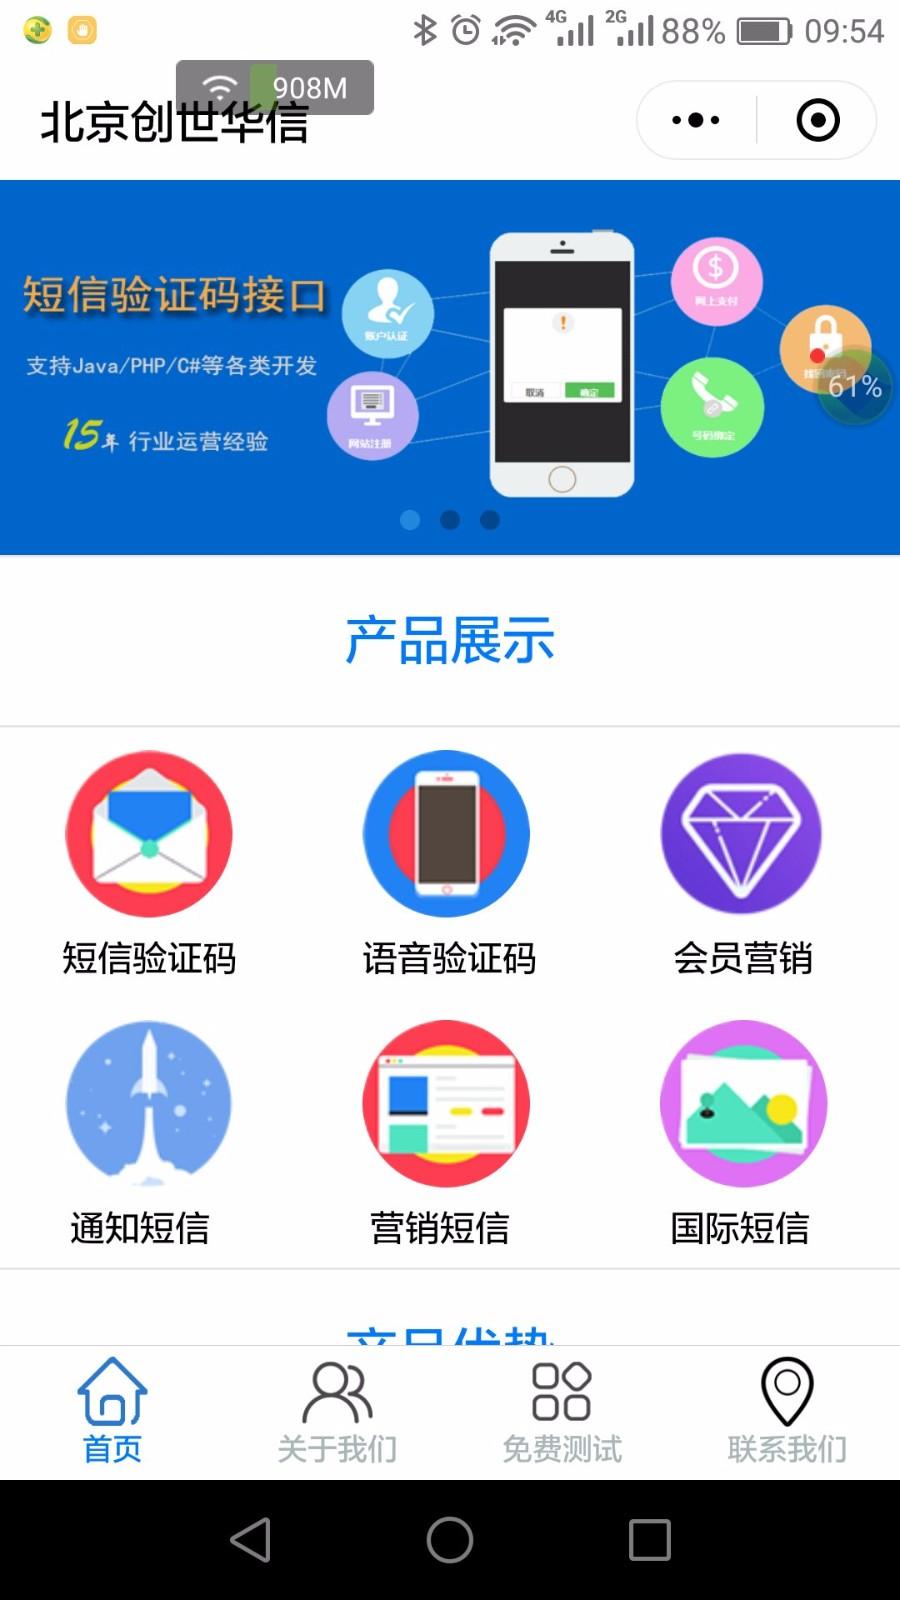 华信短信接口平台小程序截图